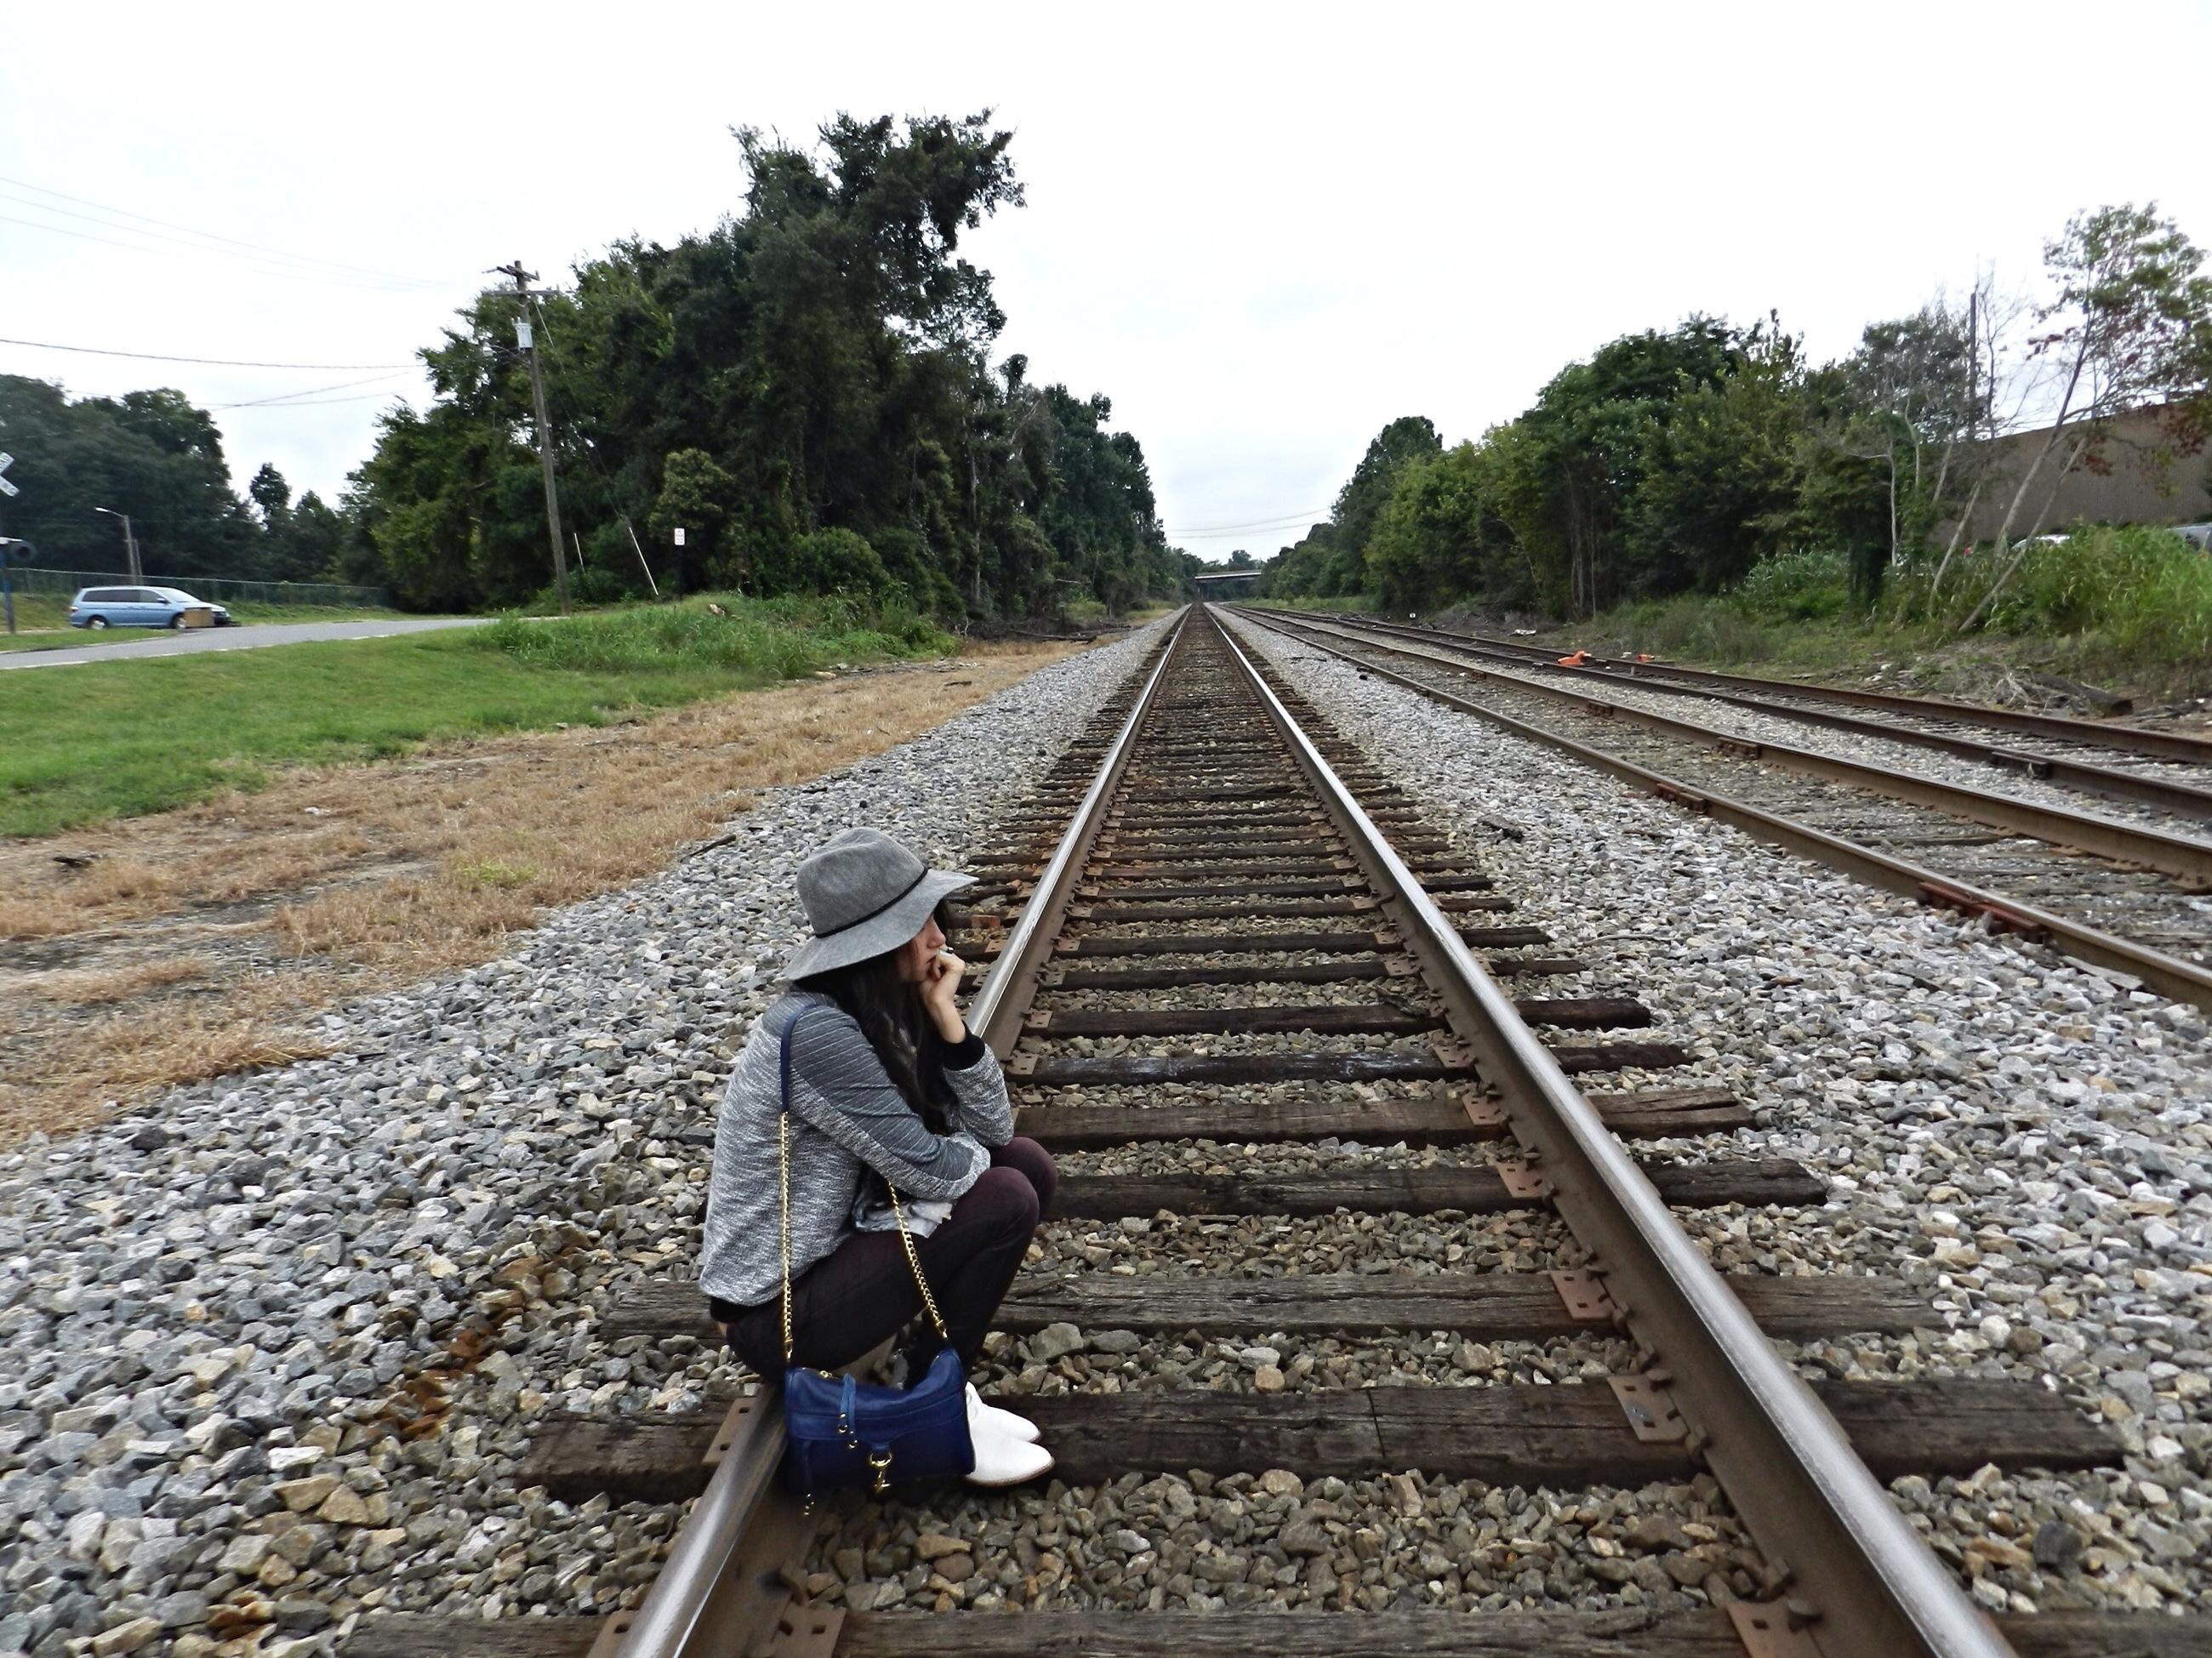 North Carolina Train Tracks